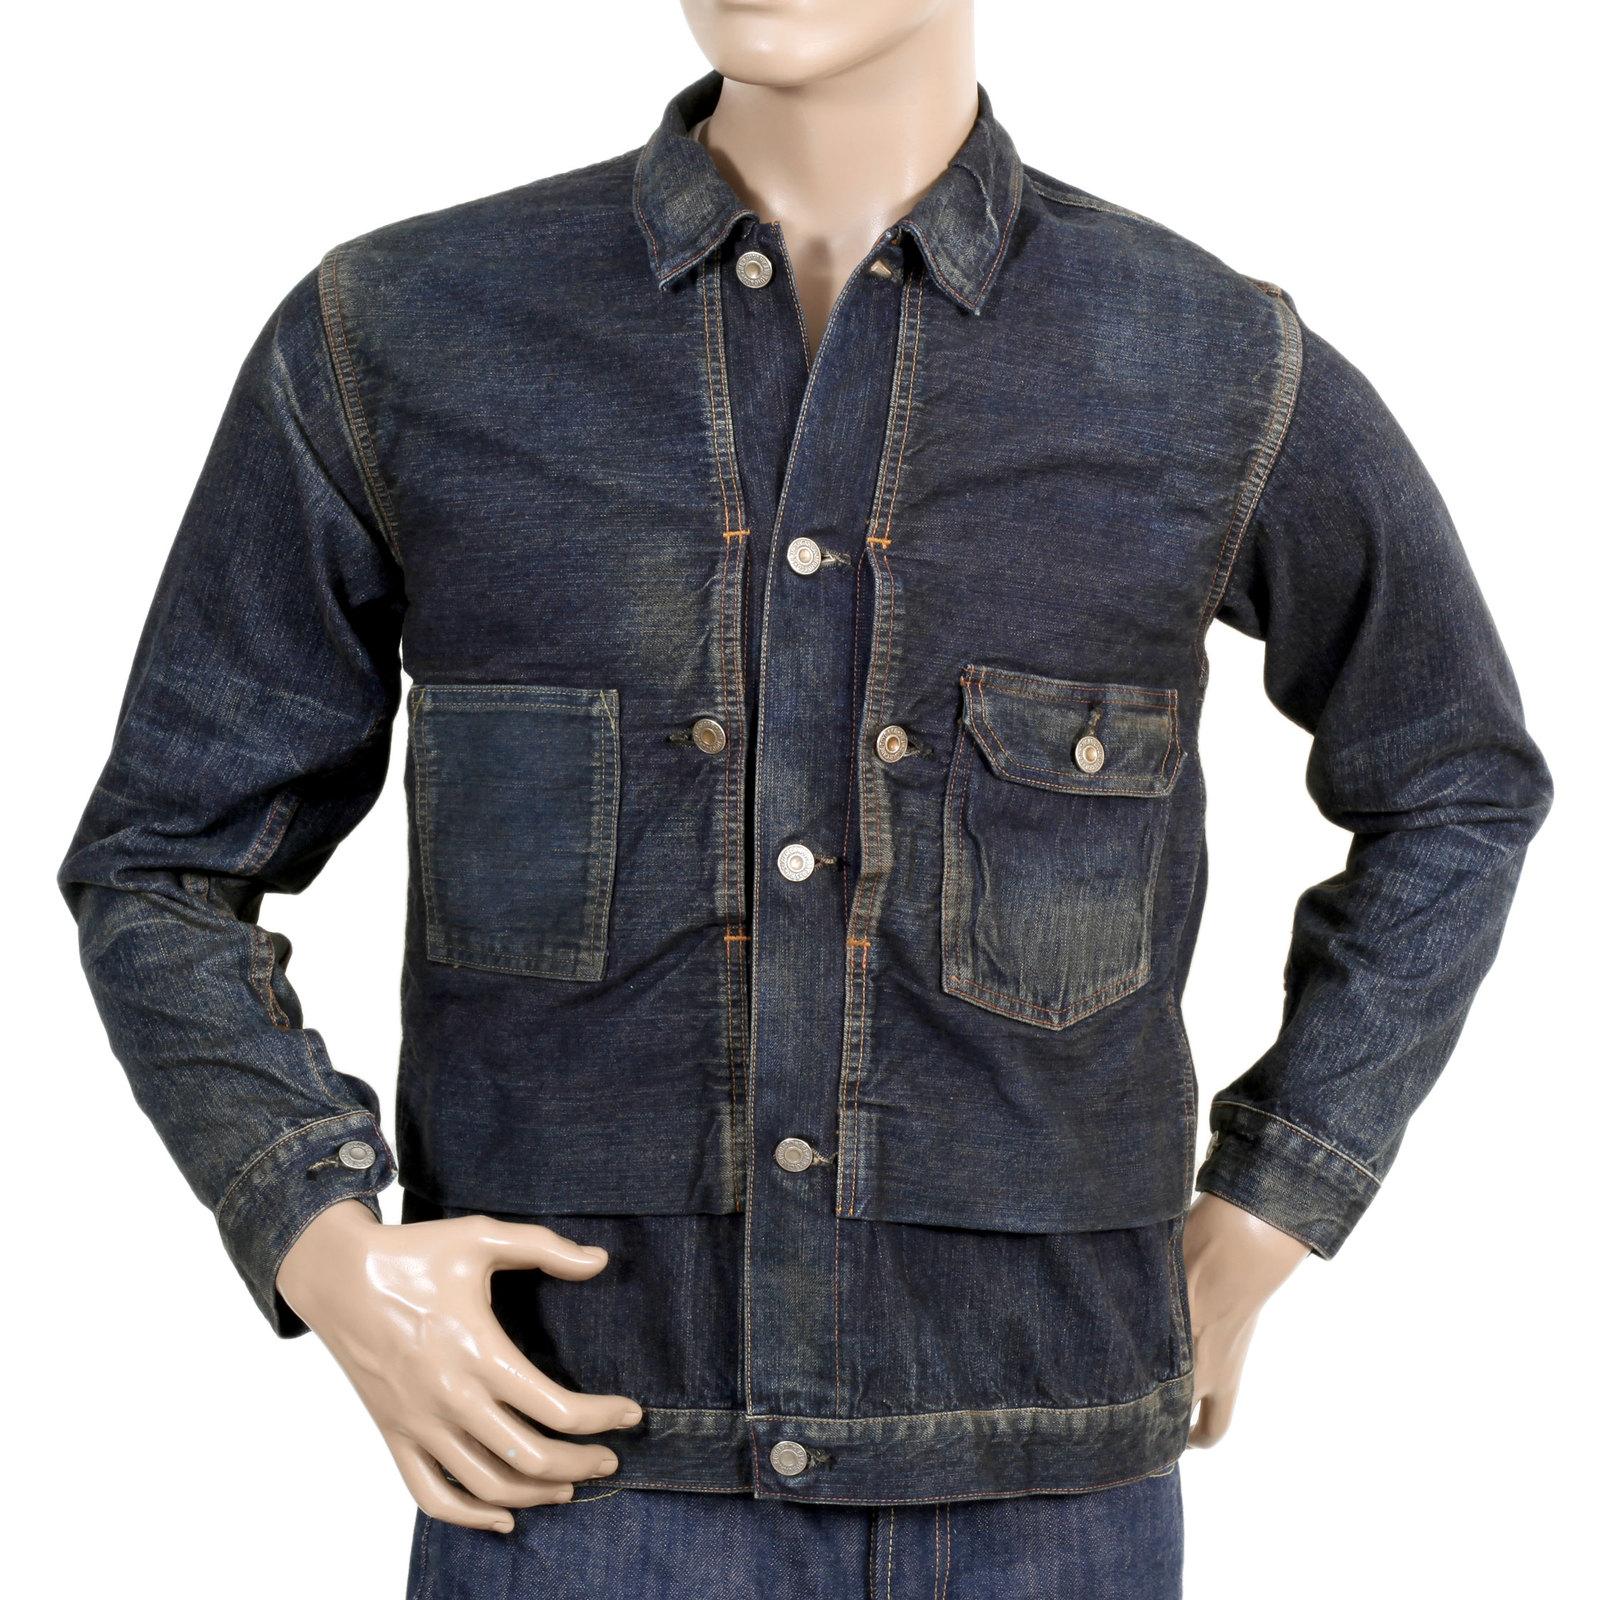 e2a2e340ff6 Check out Sugarcane Vintage Cut Denim Jackets for Men